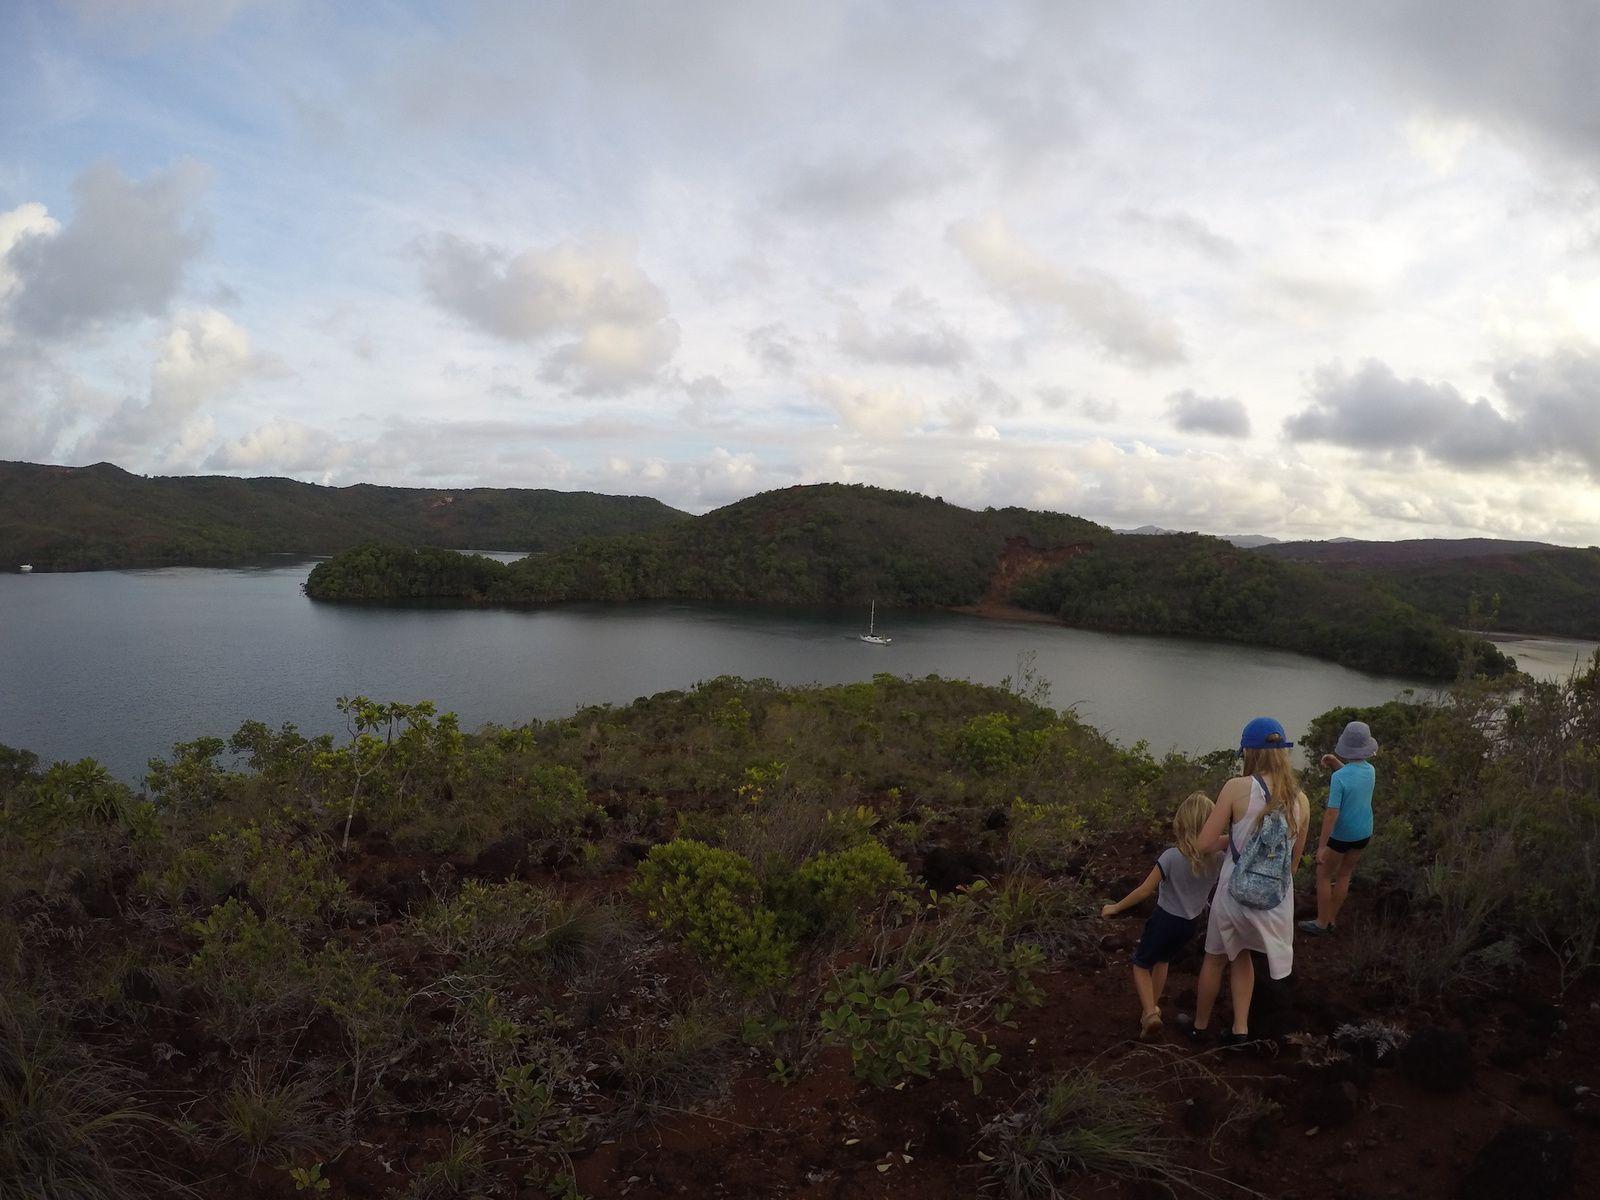 Croisière dans la sud de la Nouvelle Calédonie ~  Baie de Prony et Ile Ouen